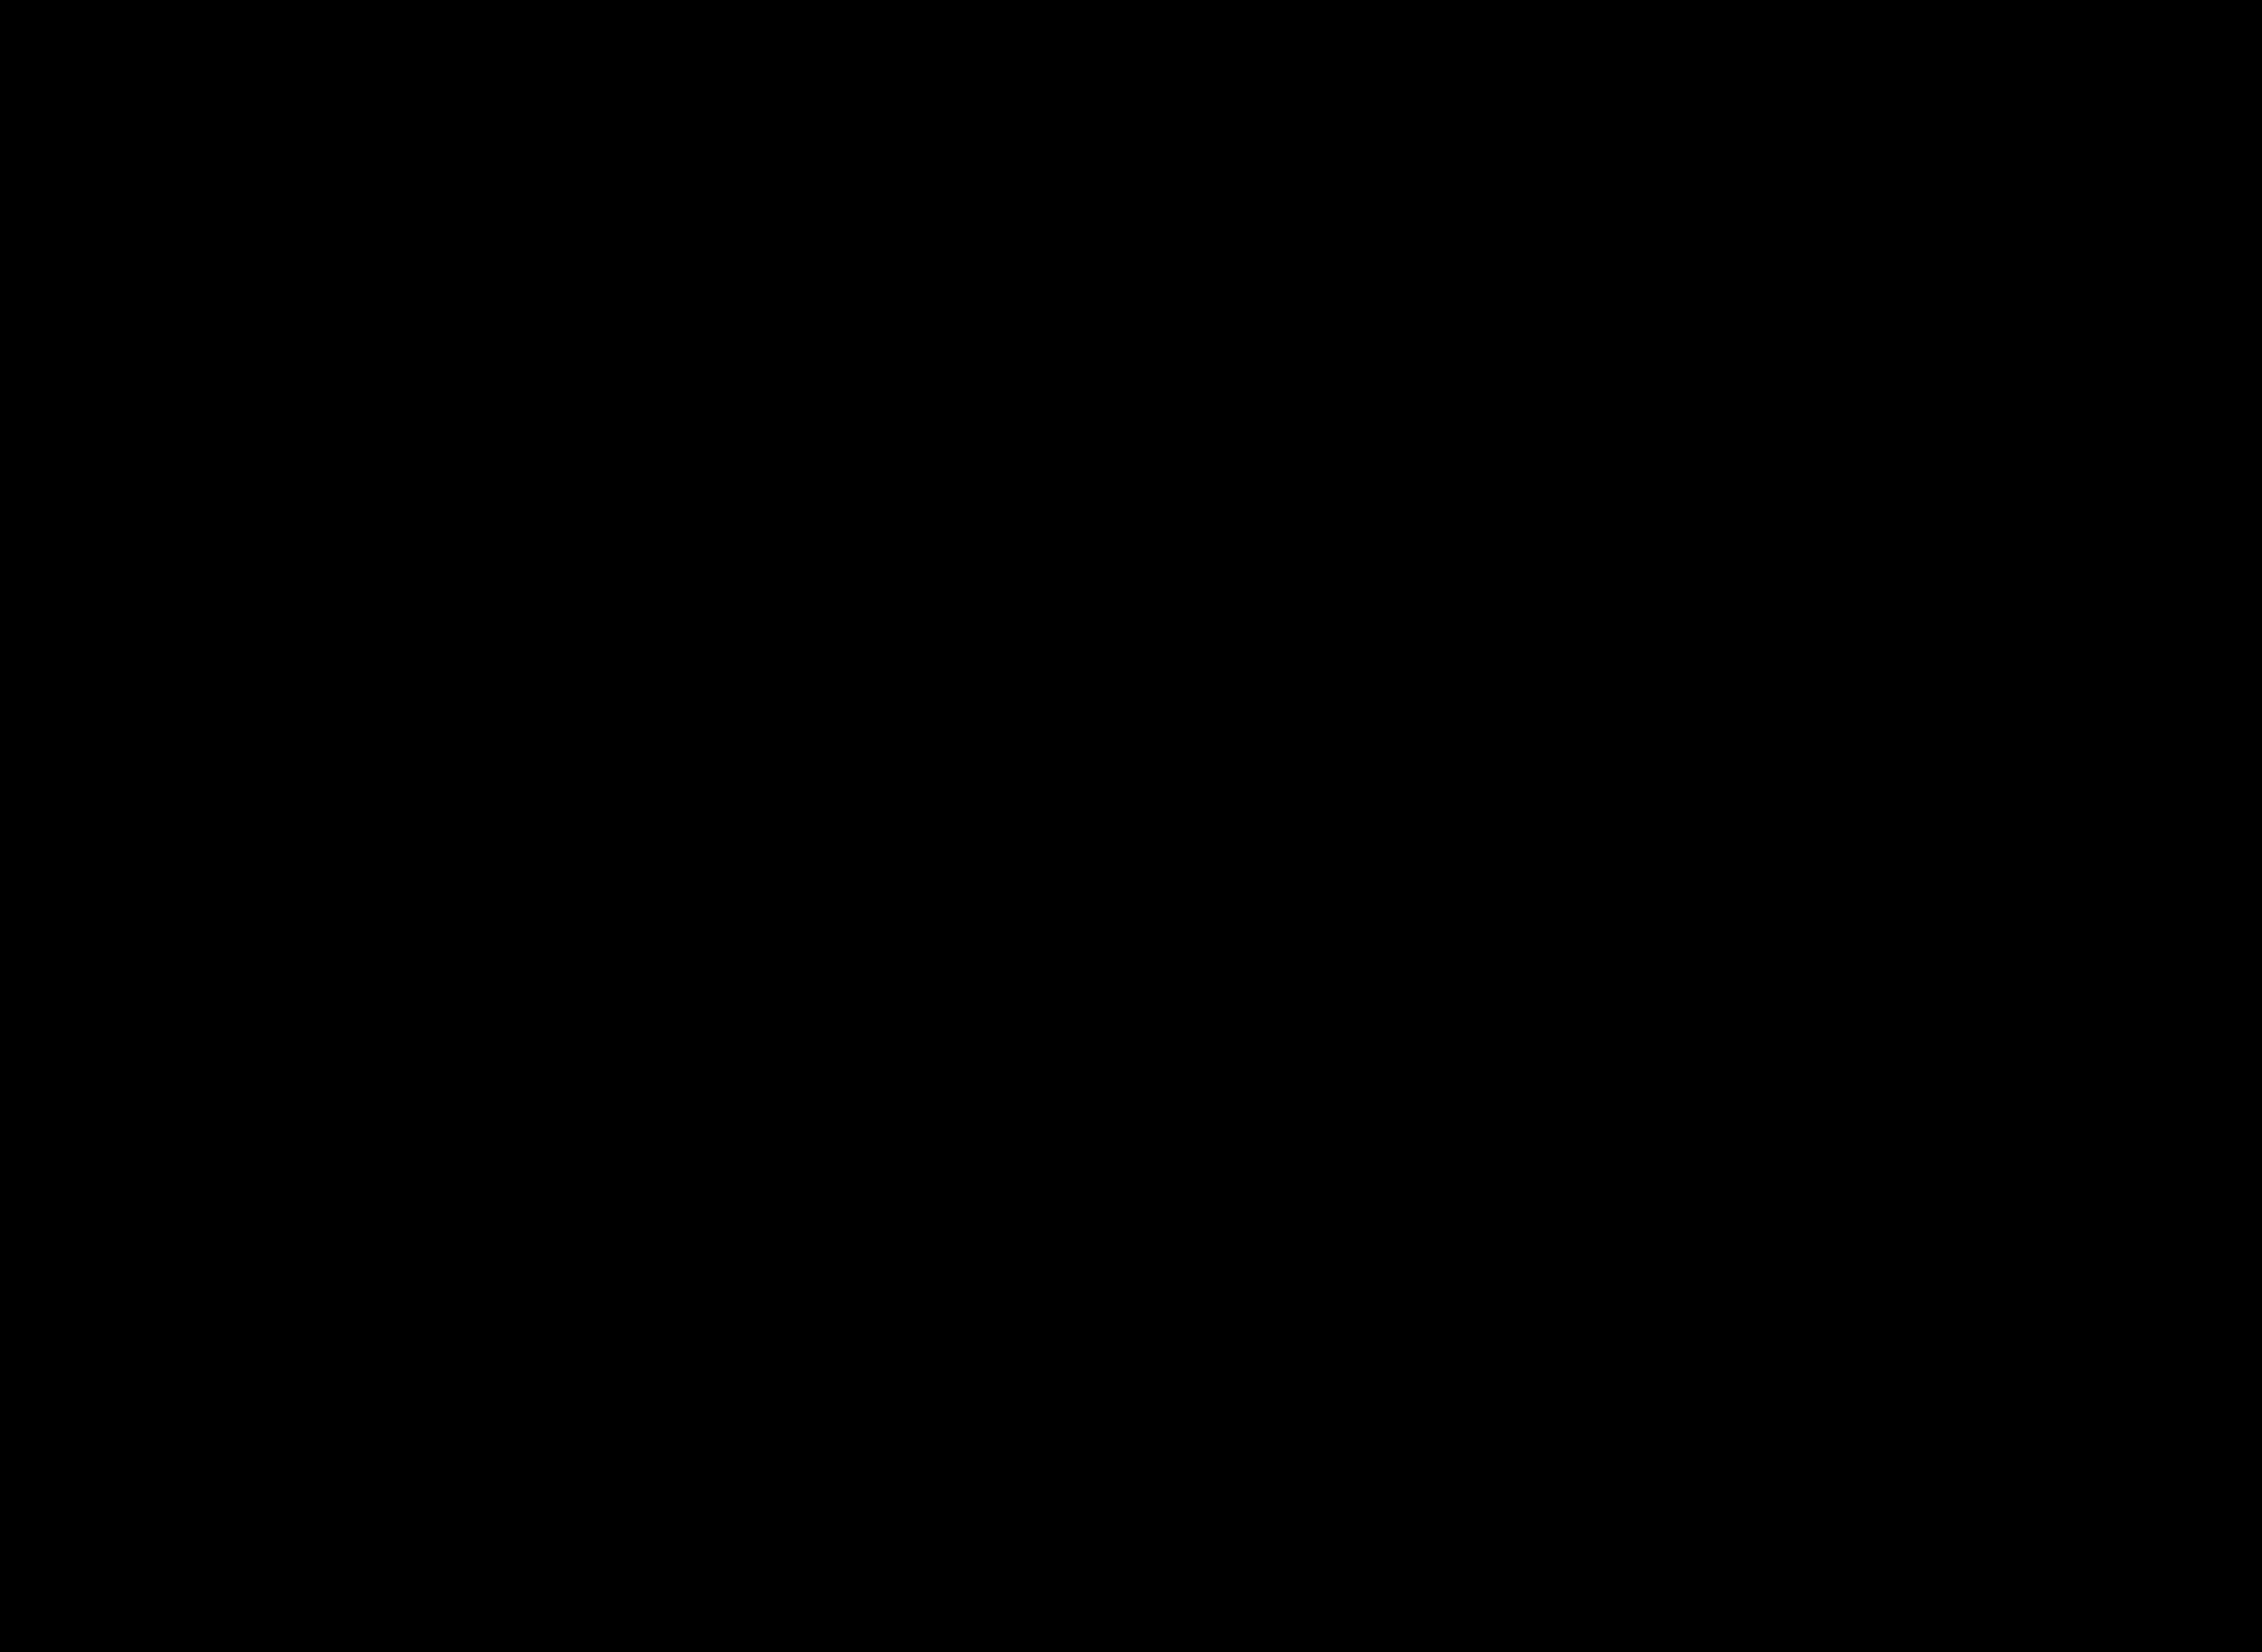 Plan Cul à Lisieux 14100 Avec Salope Pour Sexe Connectée Sur Le Réseau Secret